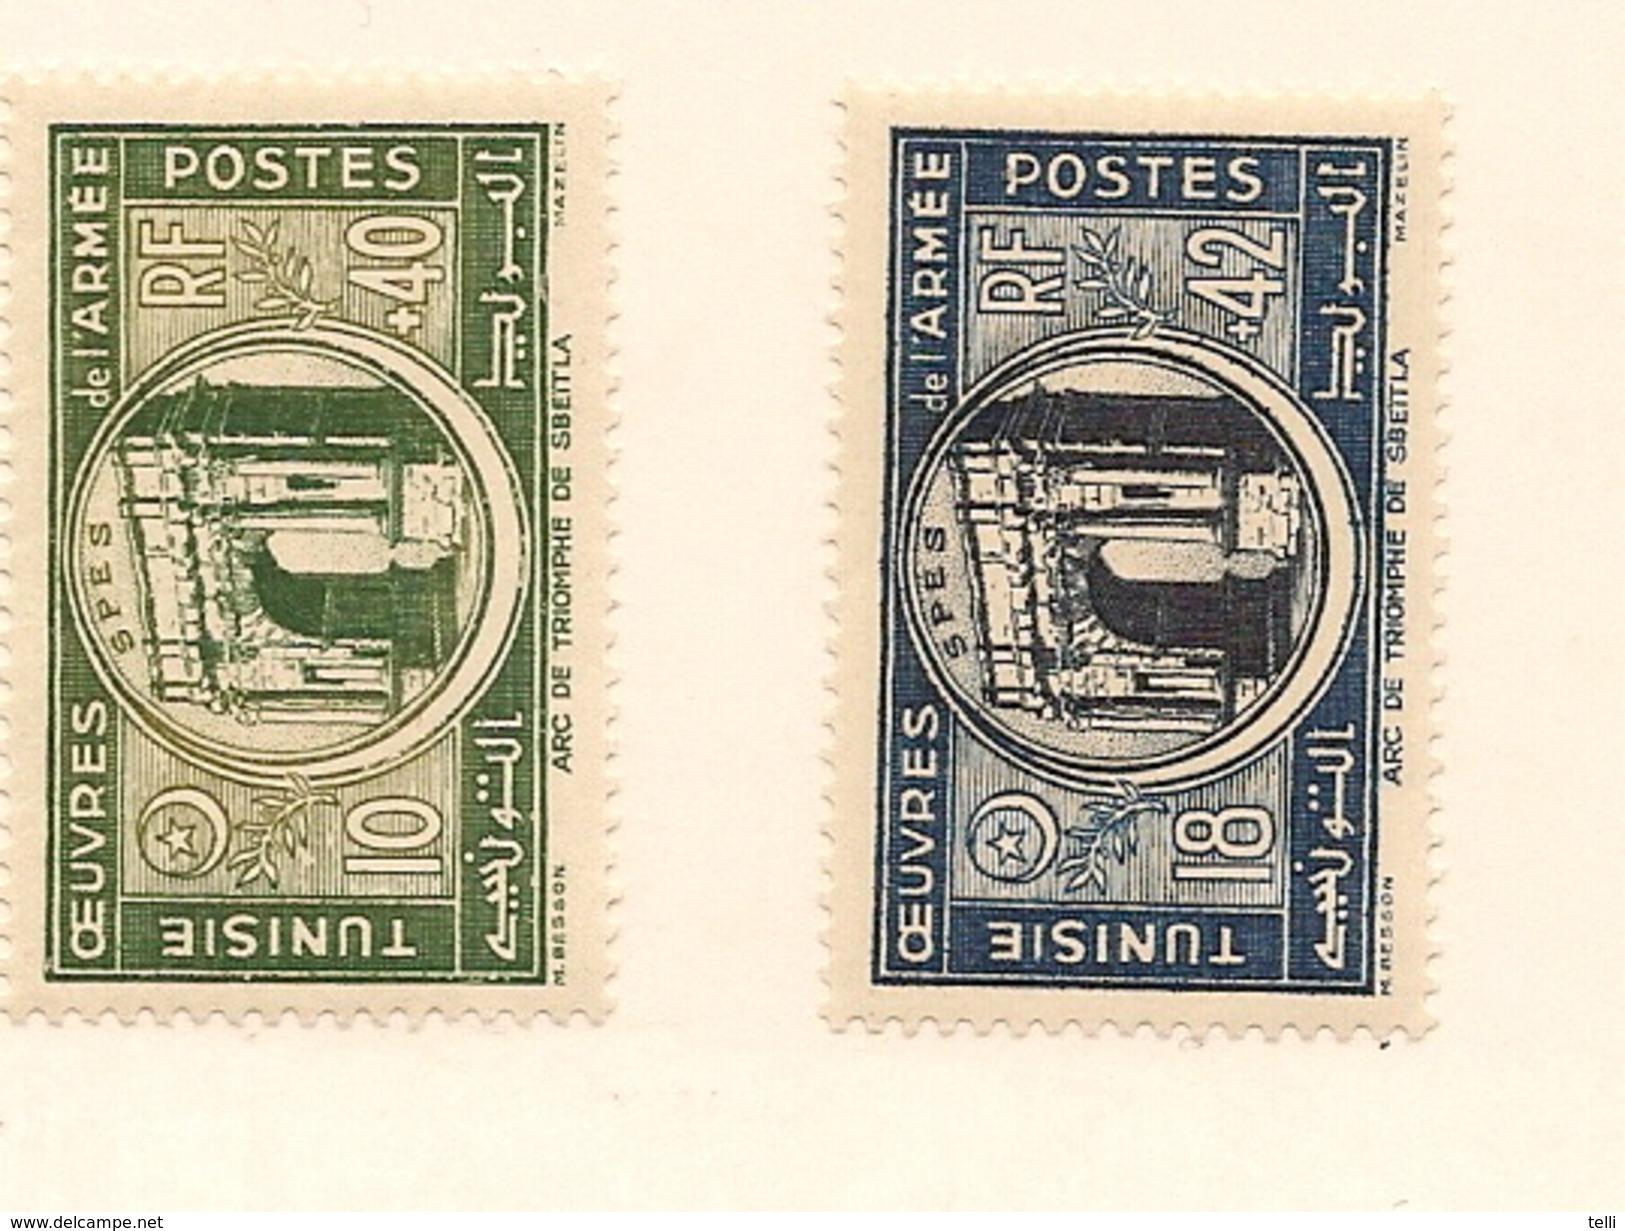 TUNISIE Scott B104-B105 Yvert 326-327 (2) * Cote 4$ - Tunisie (1888-1955)